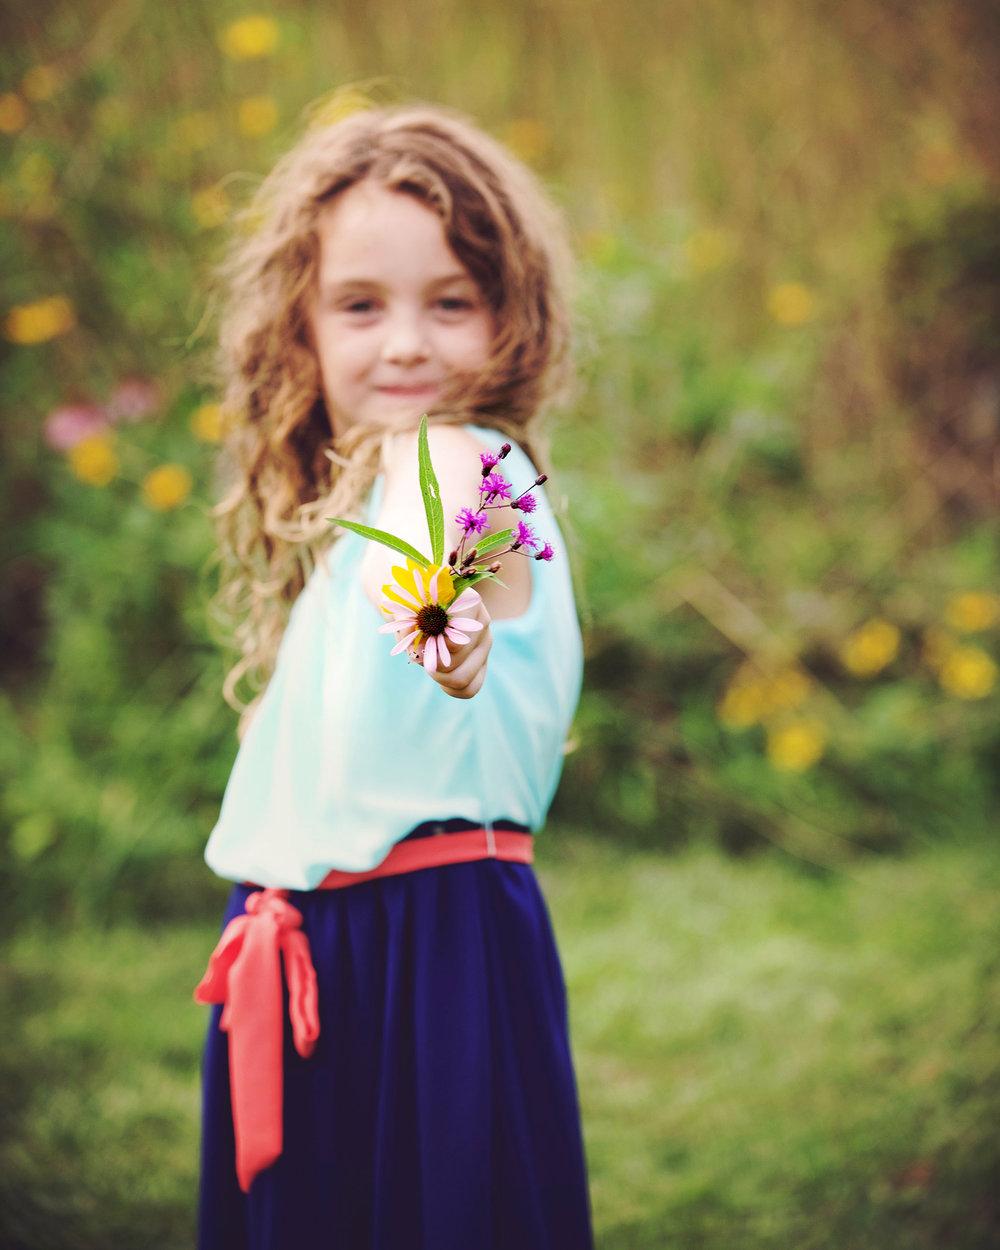 DSC_8614 maya offer flowers FINAL.jpg